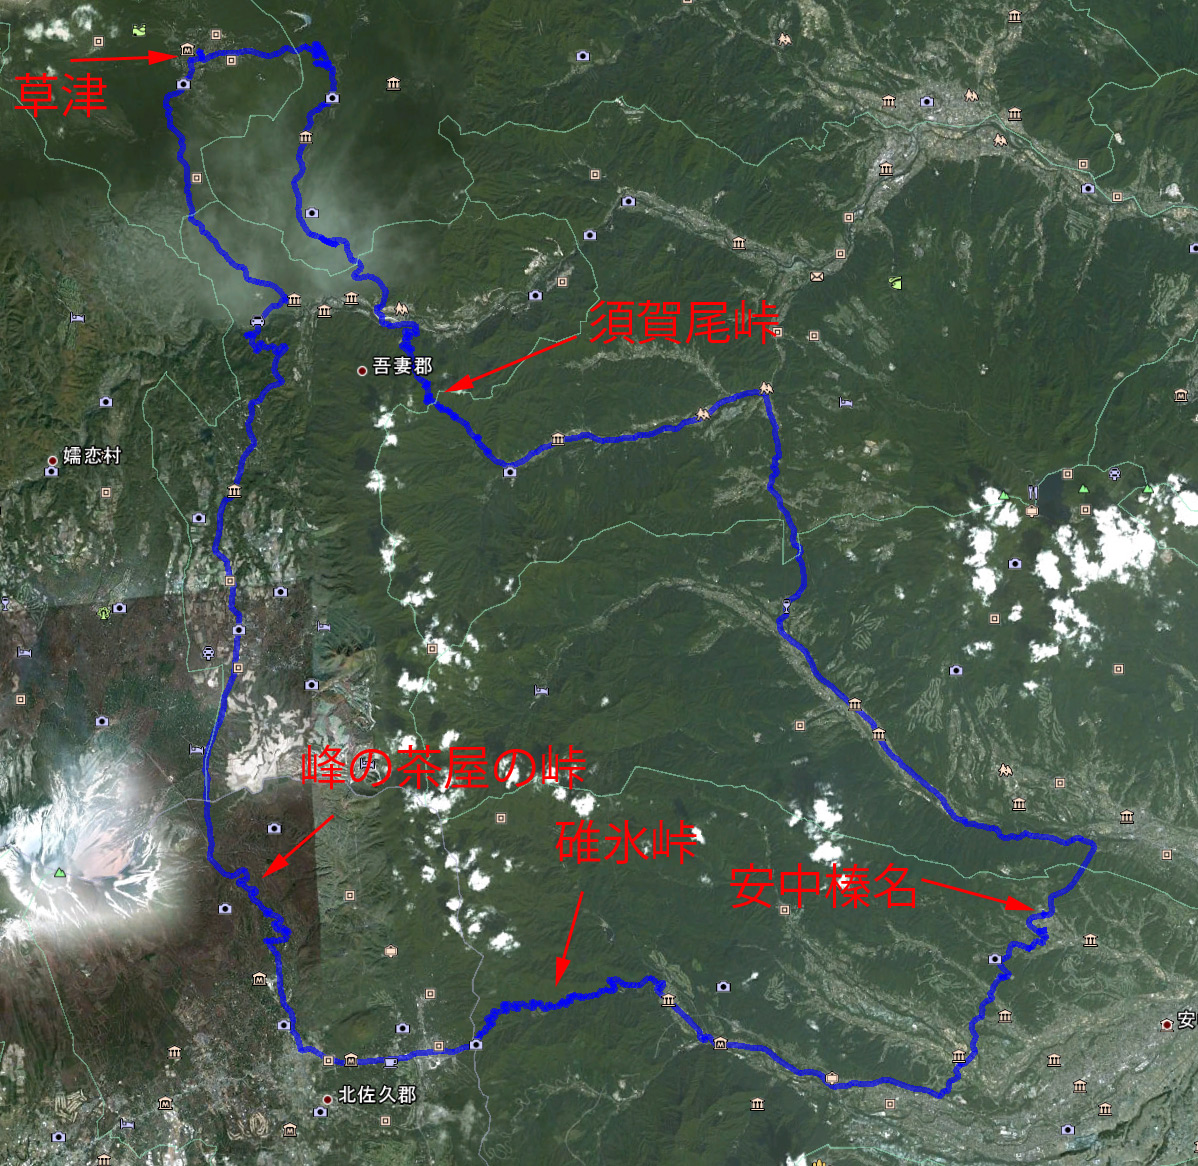 20130330_map1